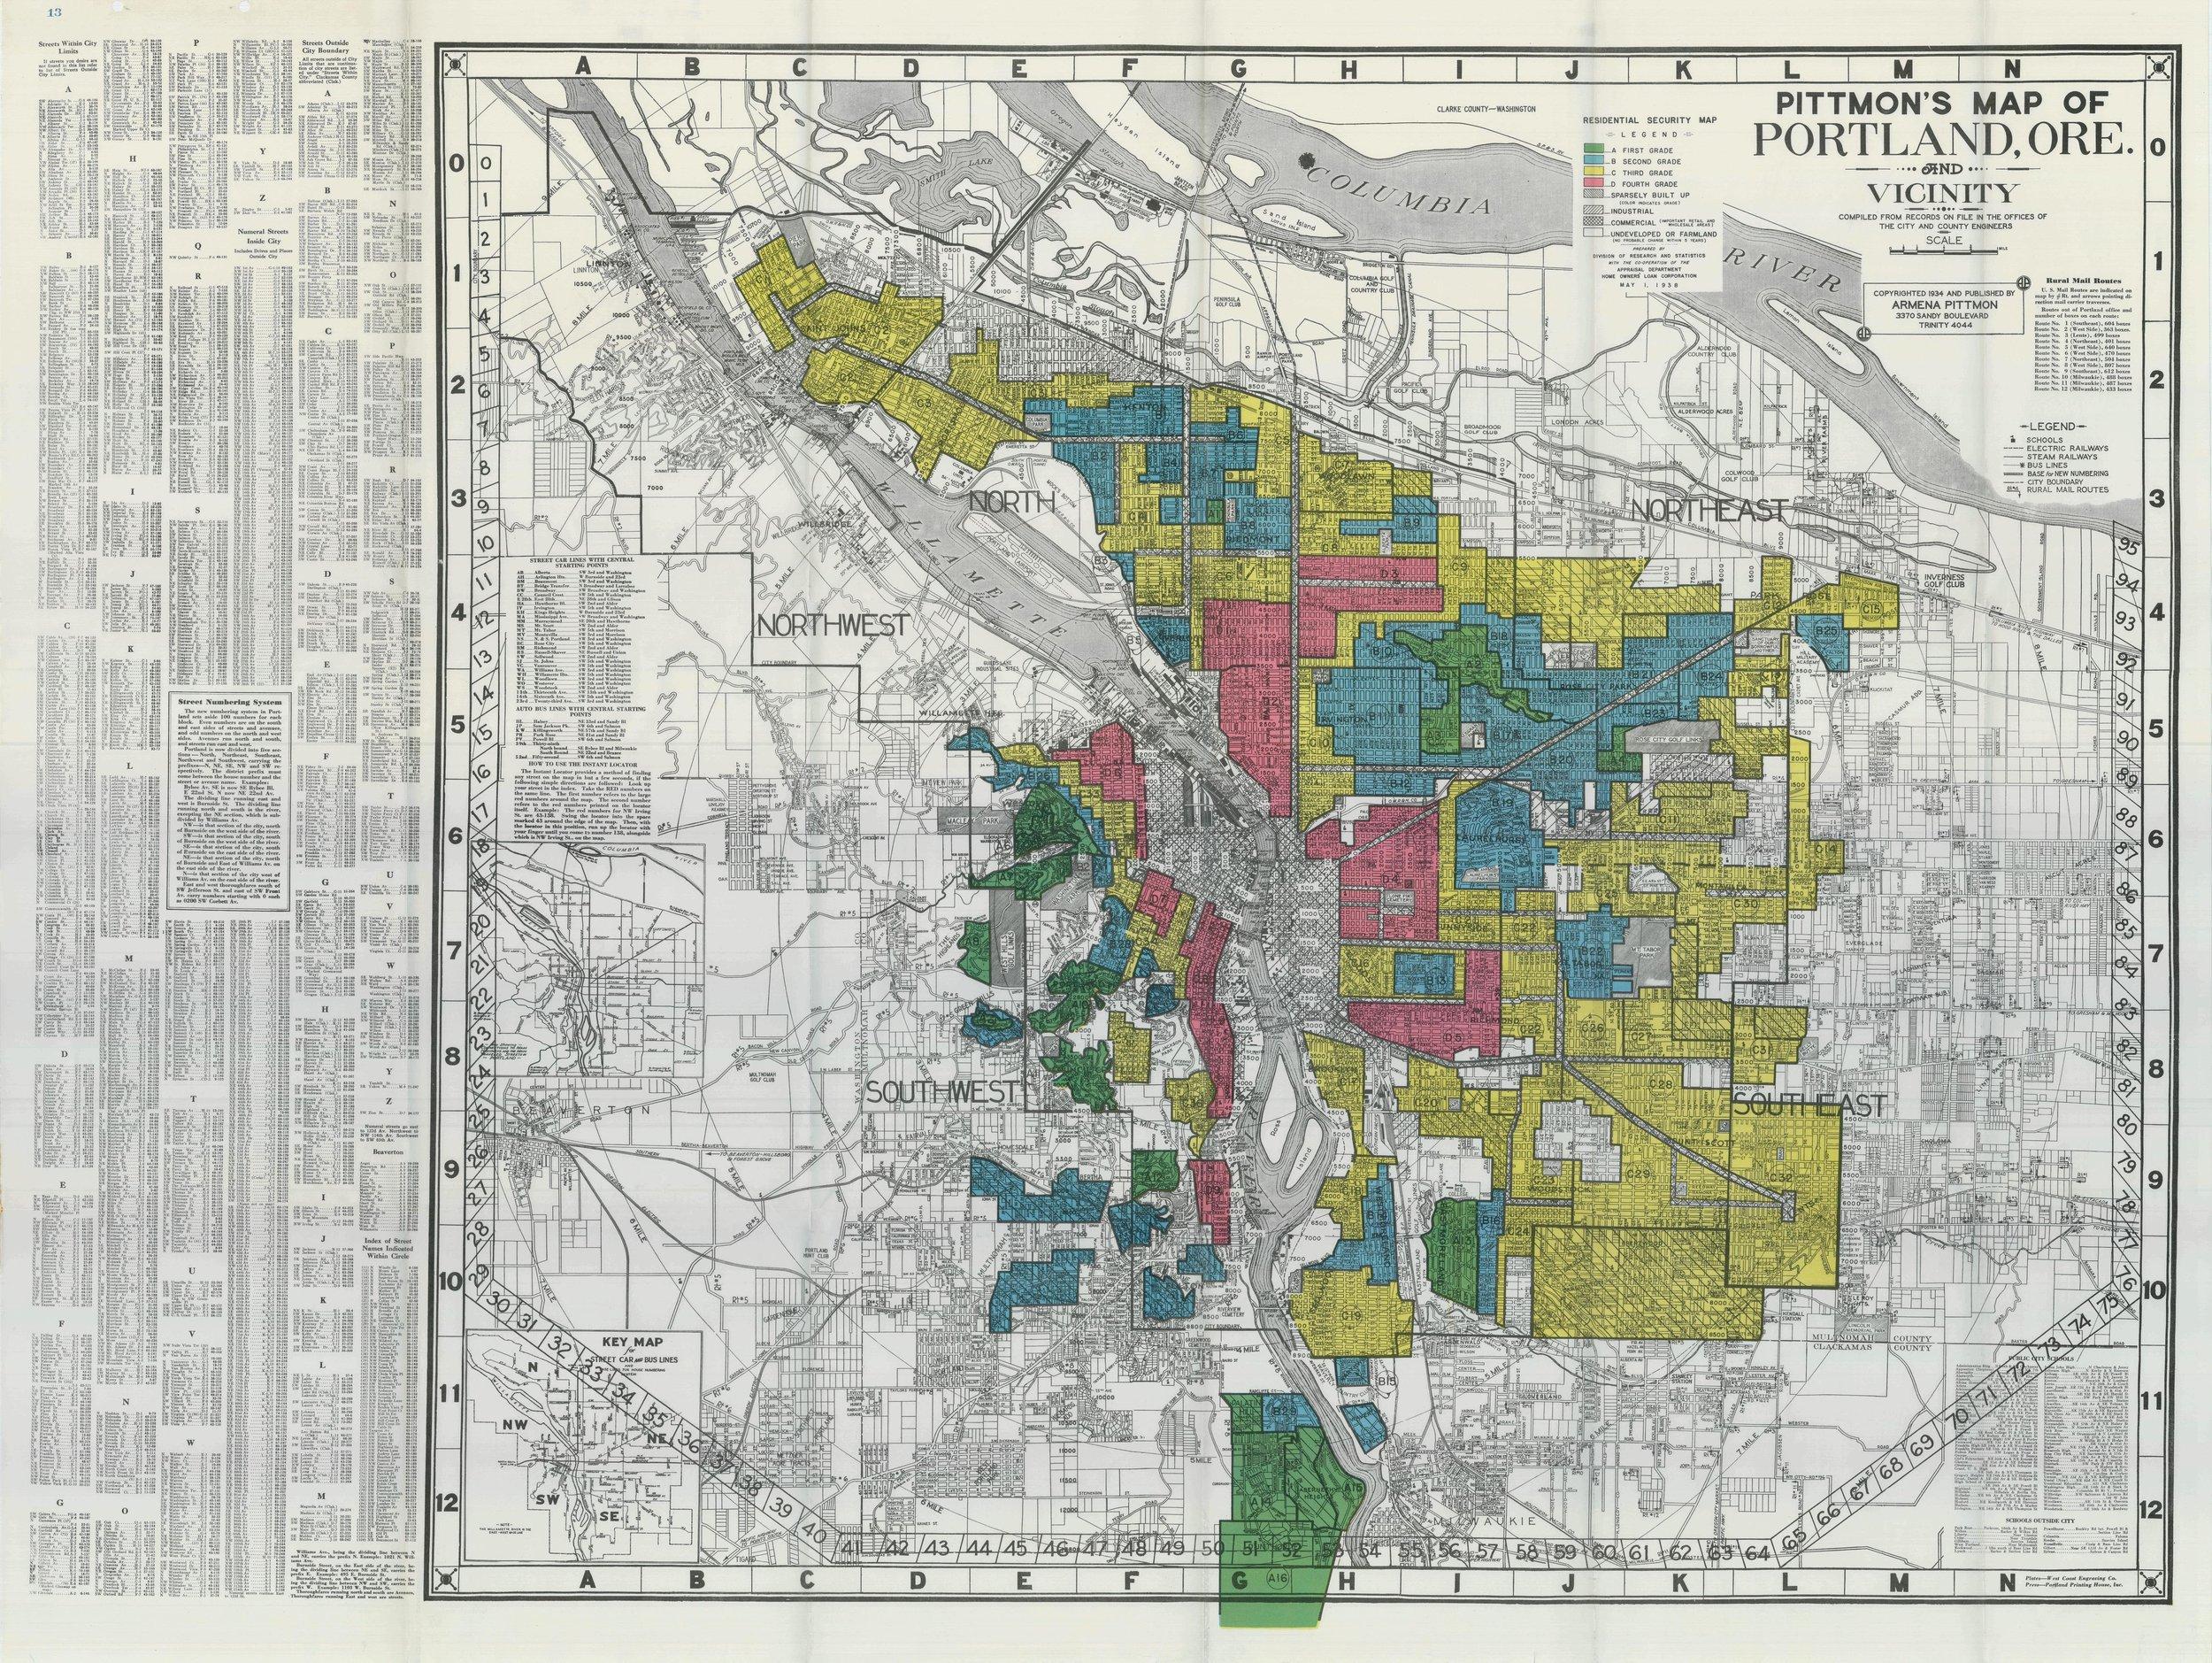 PortlandHOLC-MED_lowres.jpg